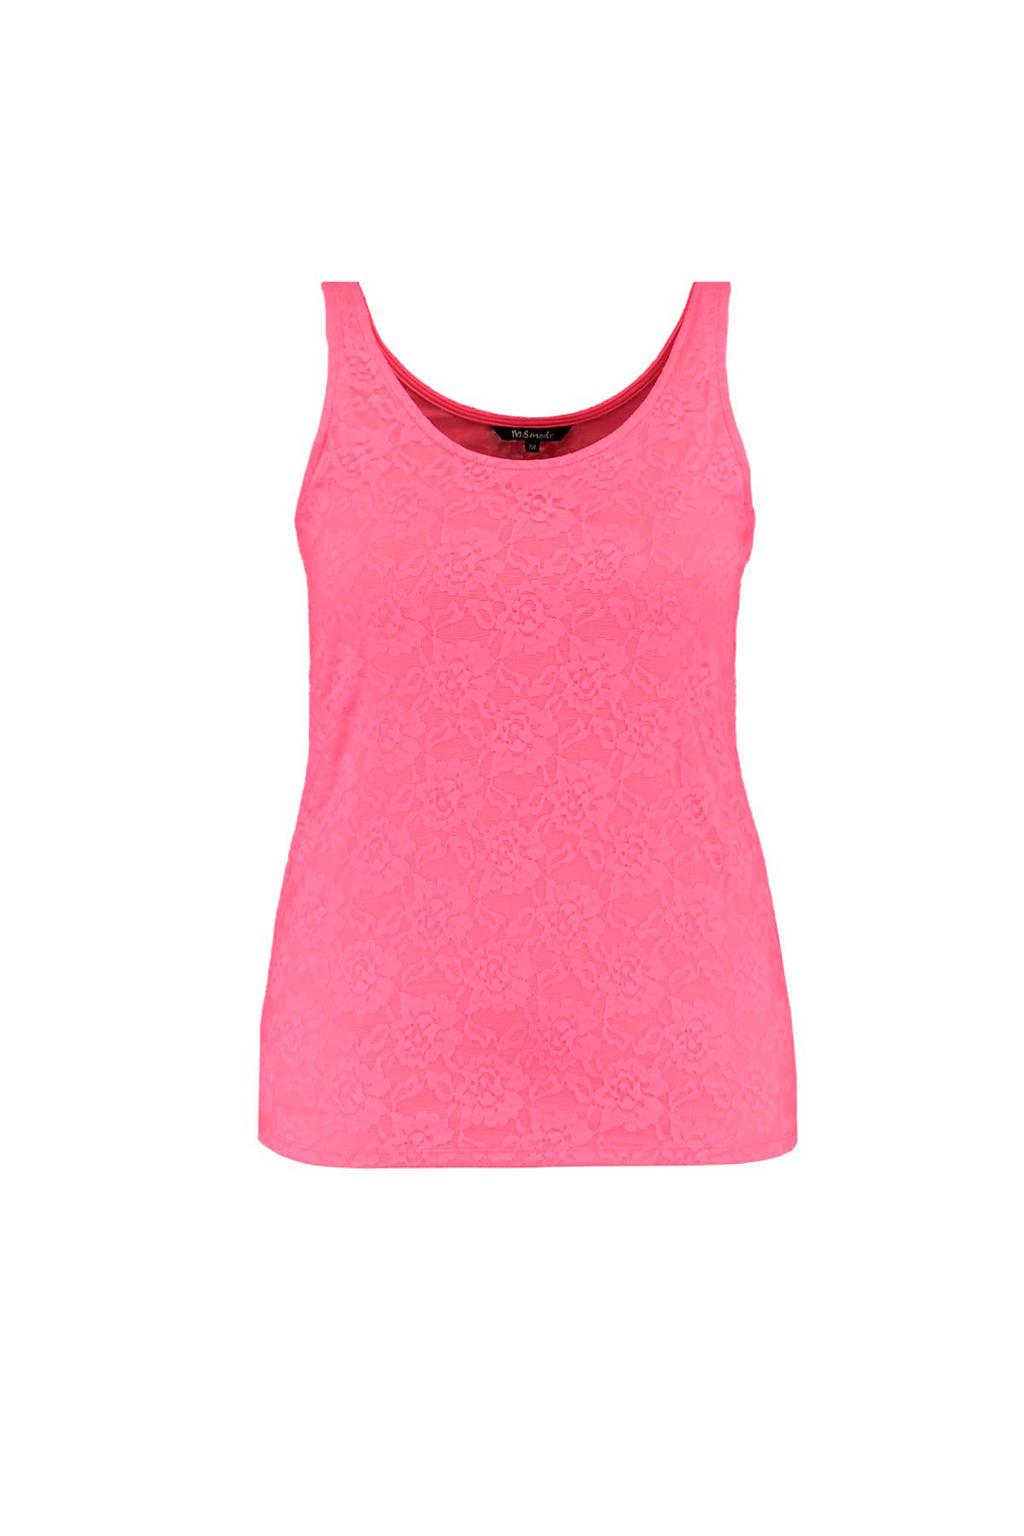 MS Mode kanten singlet roze, Roze